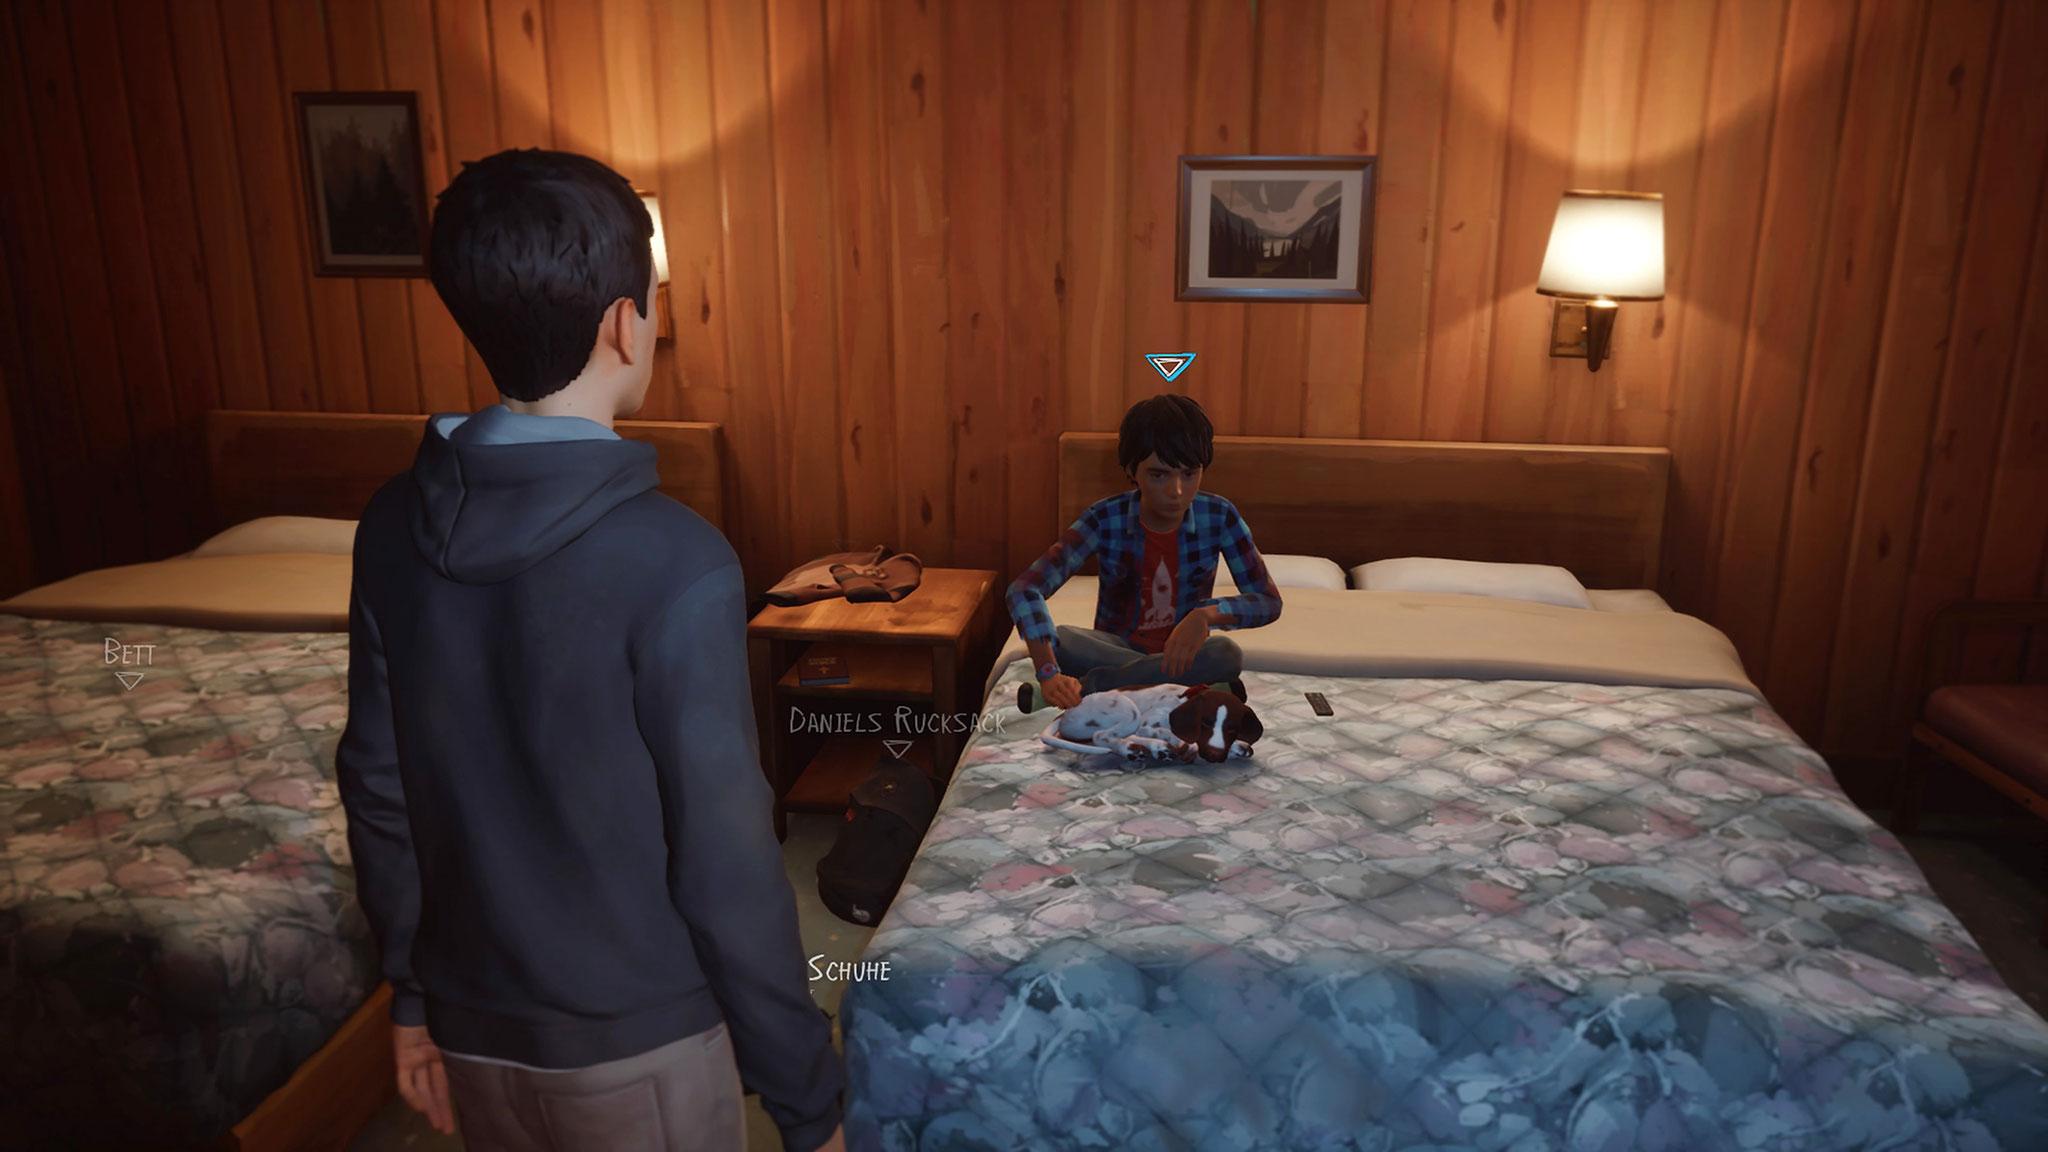 Genießt nach tagelangem Aufenthalt unter freiem Himmel das Bett und Kabelfernsehen in einem Motel: Seans jüngerer Bruder Daniel.